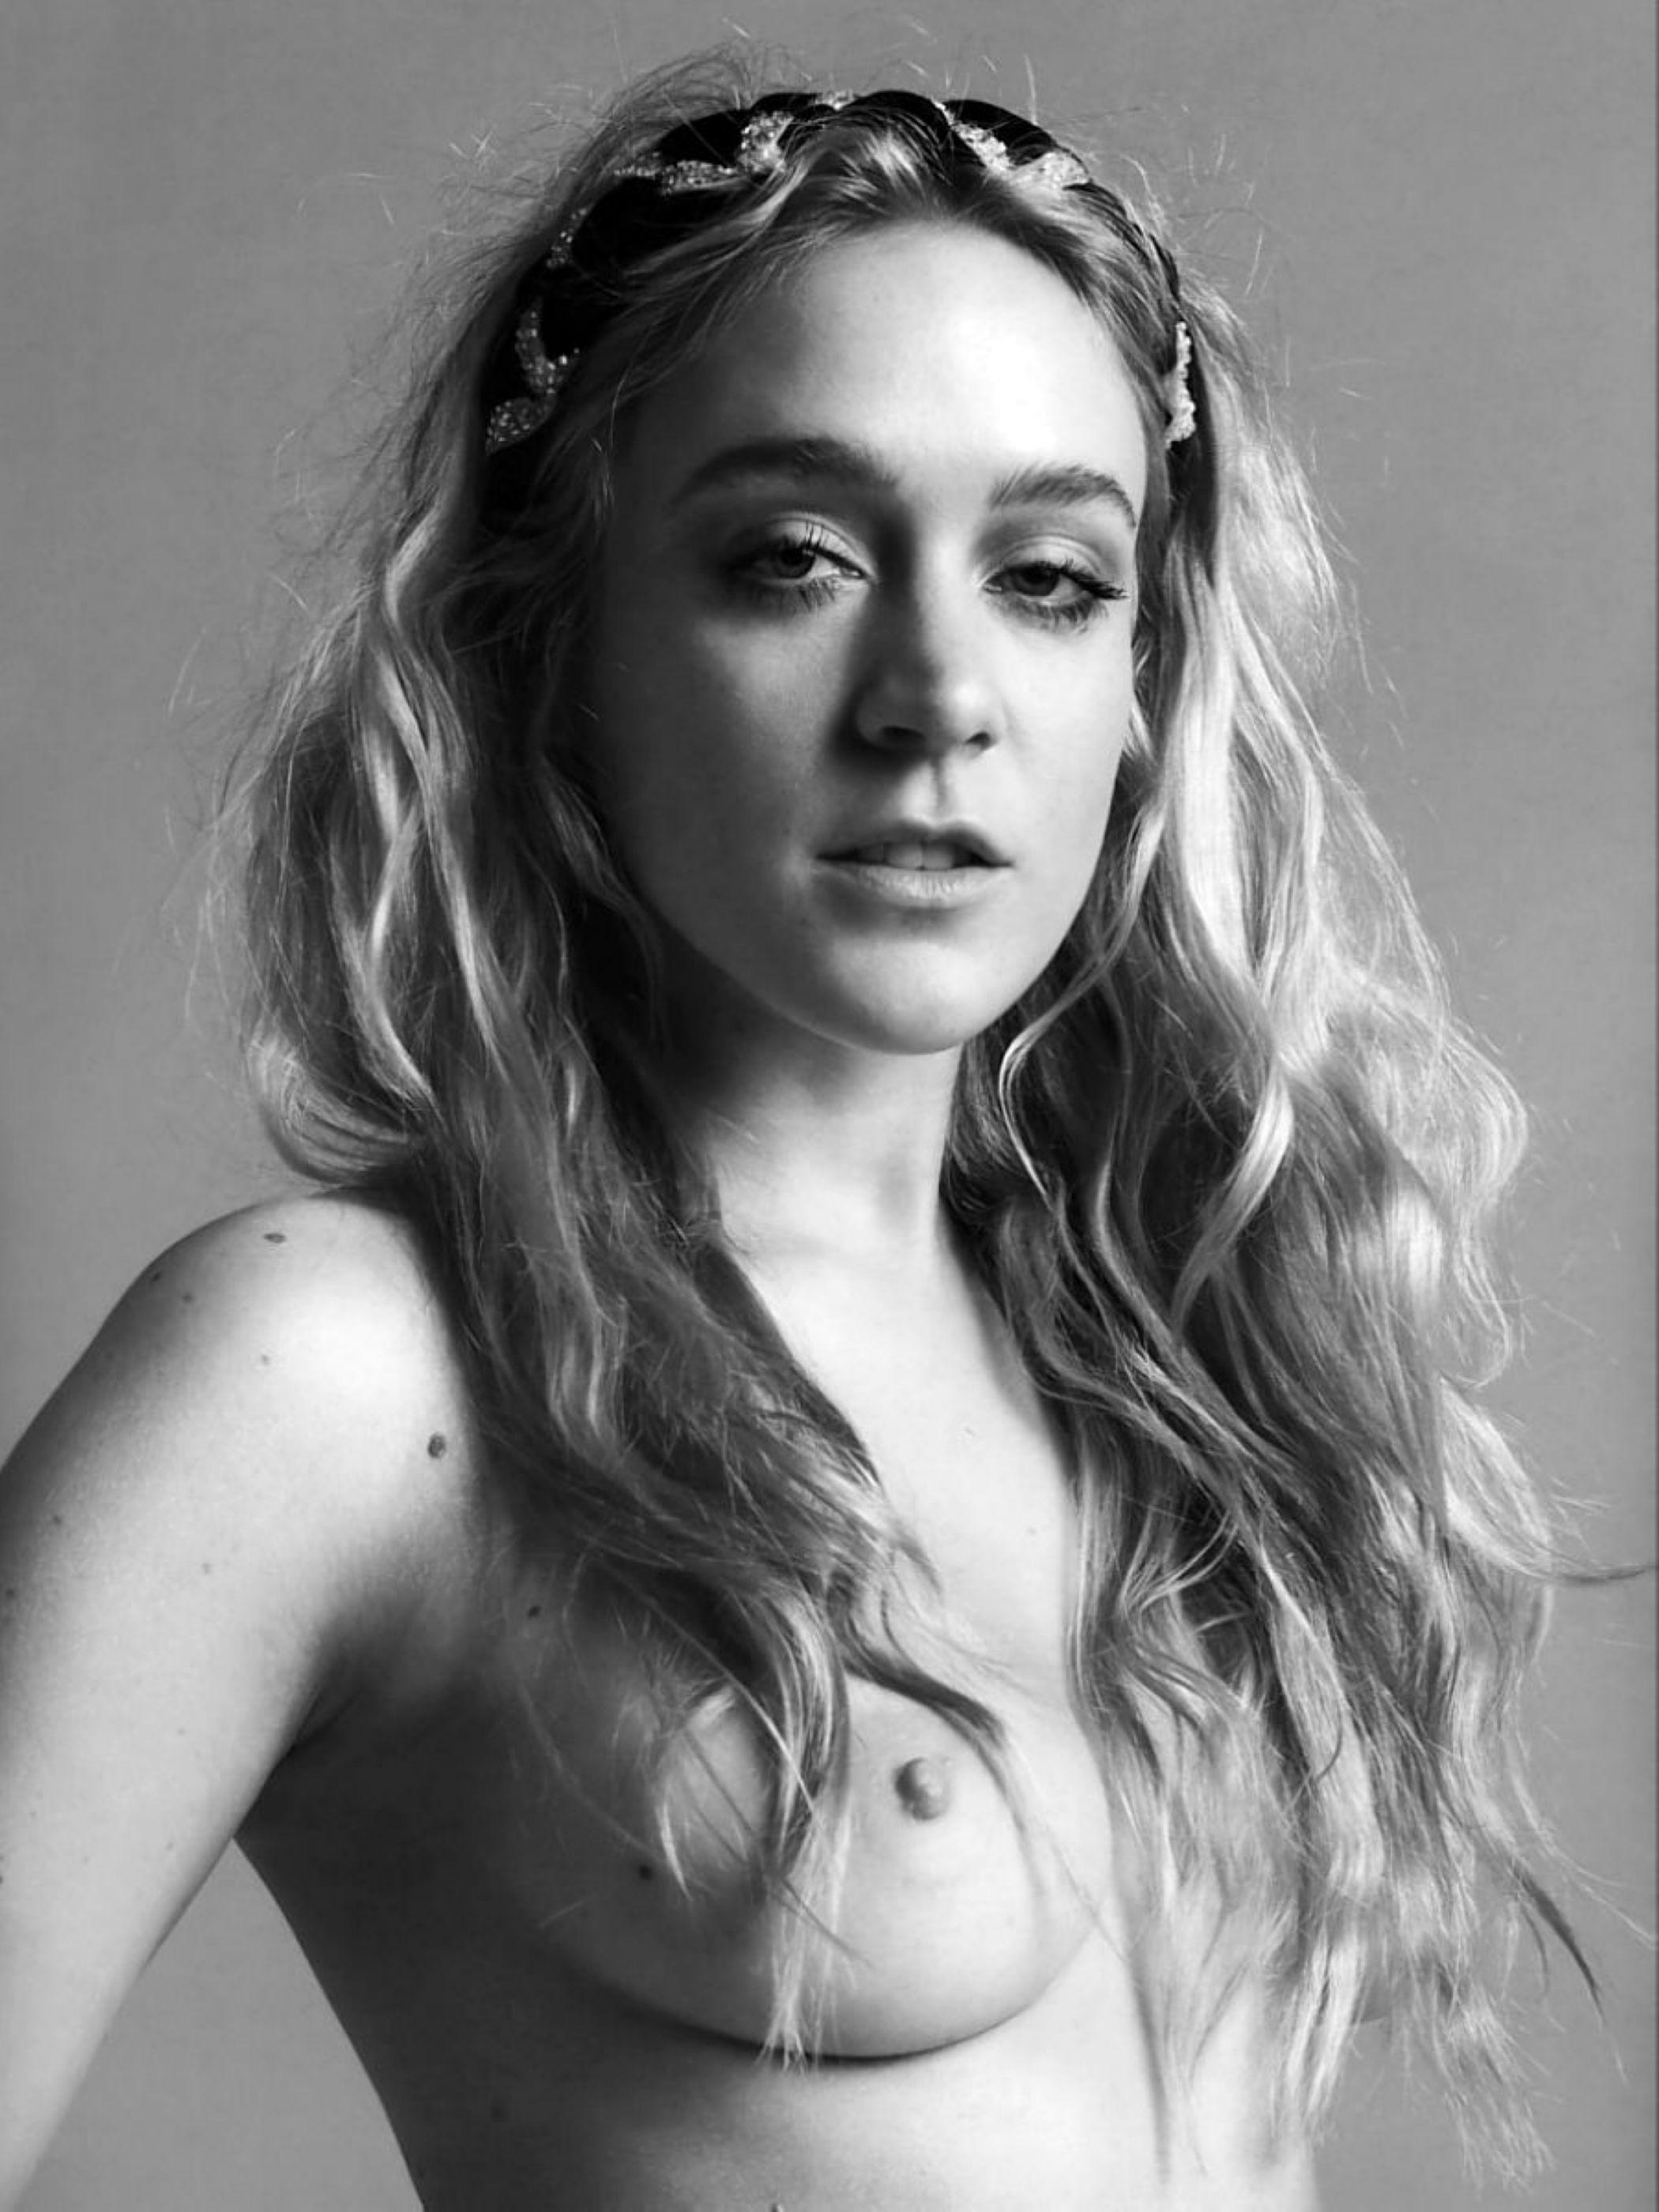 Chloe sevigny tits and pussy #5